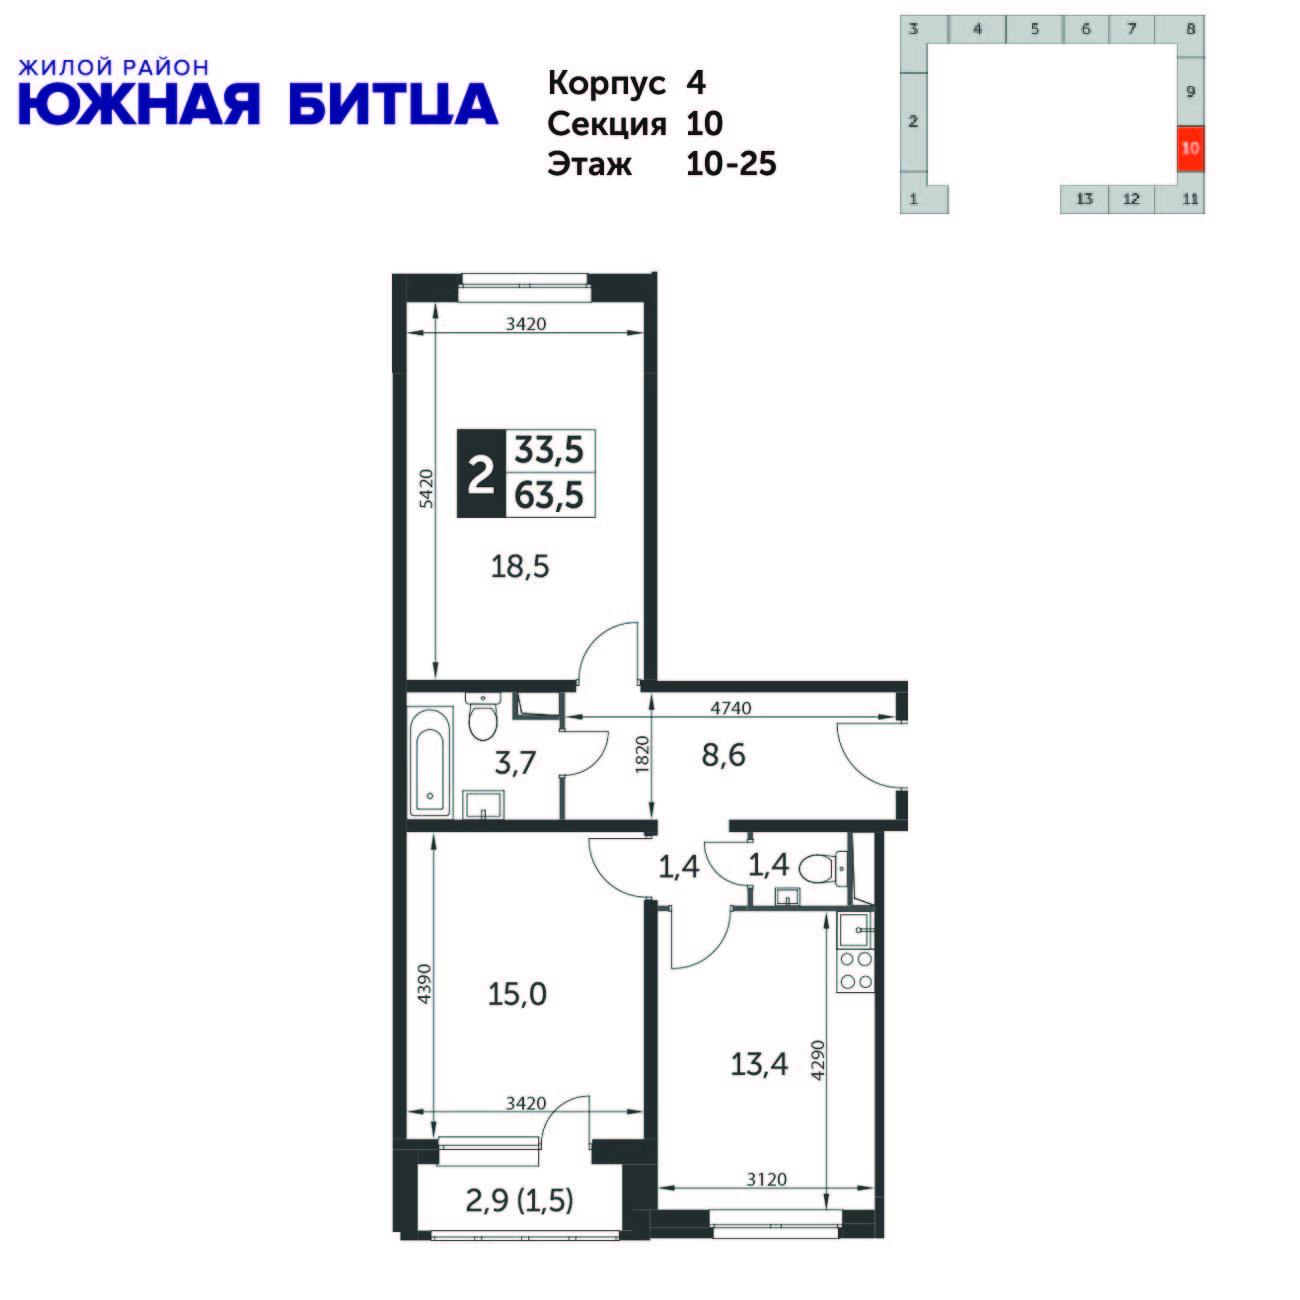 2-комнатная квартира, 63.5м² за 10,2 млн руб.